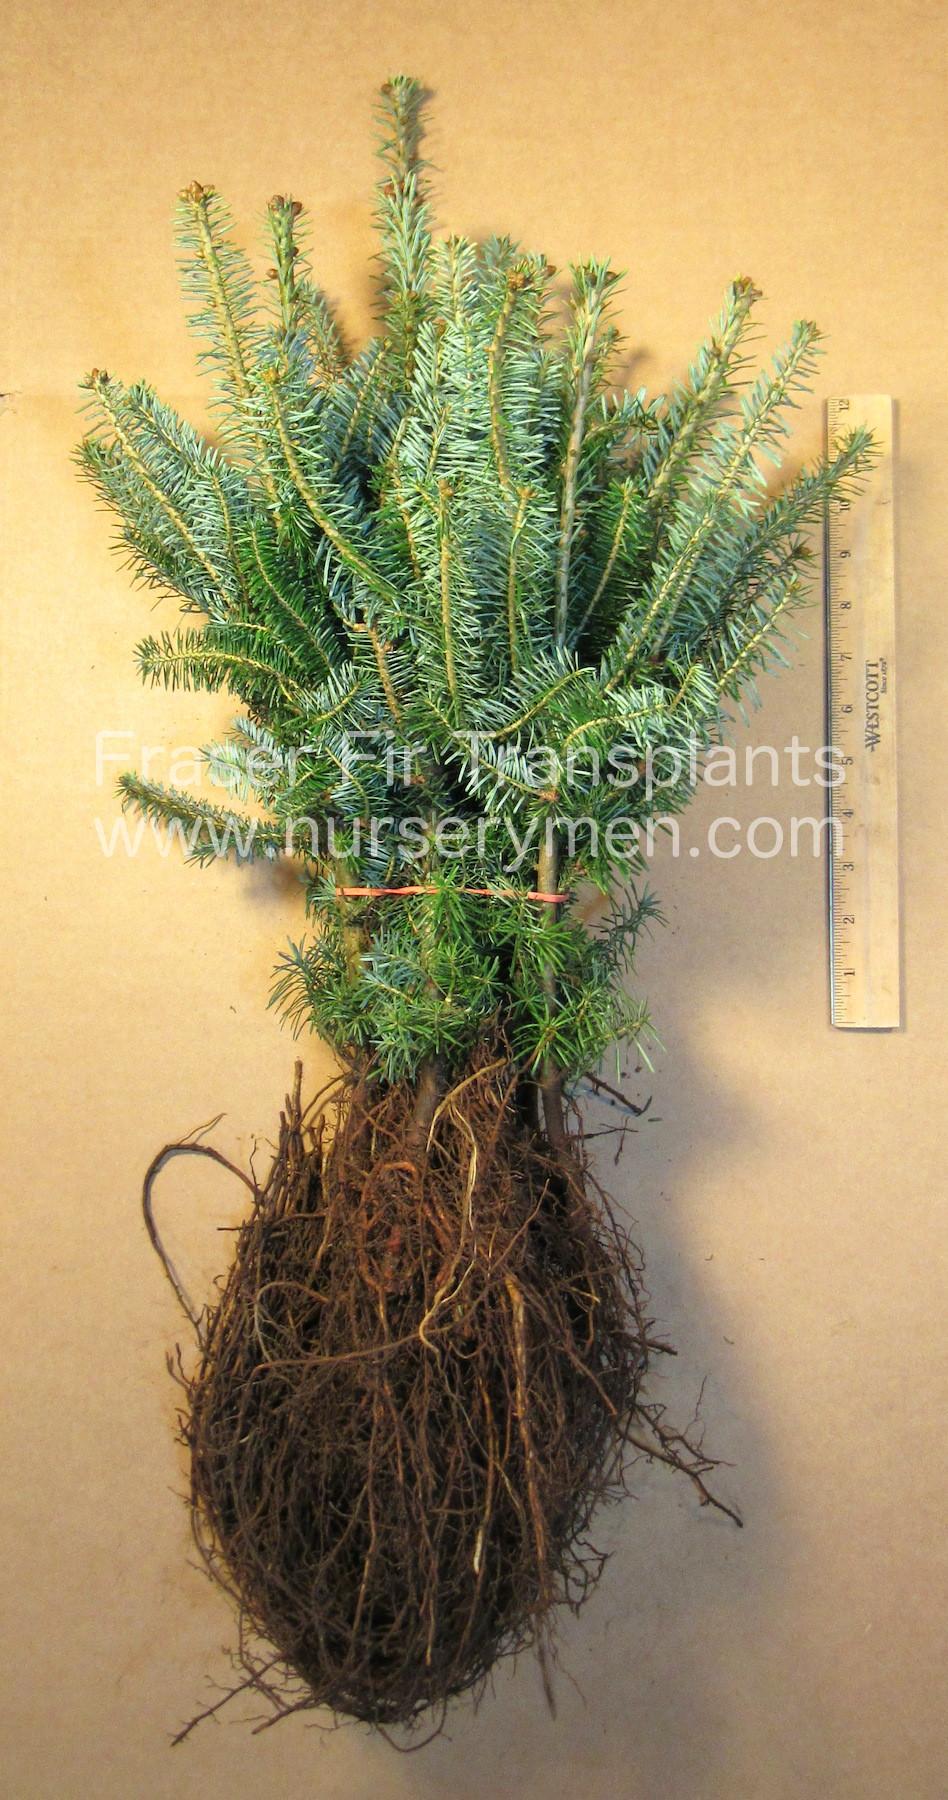 Fraser Fir Transplants Abies Fraseri Evergreen Trees For Sale